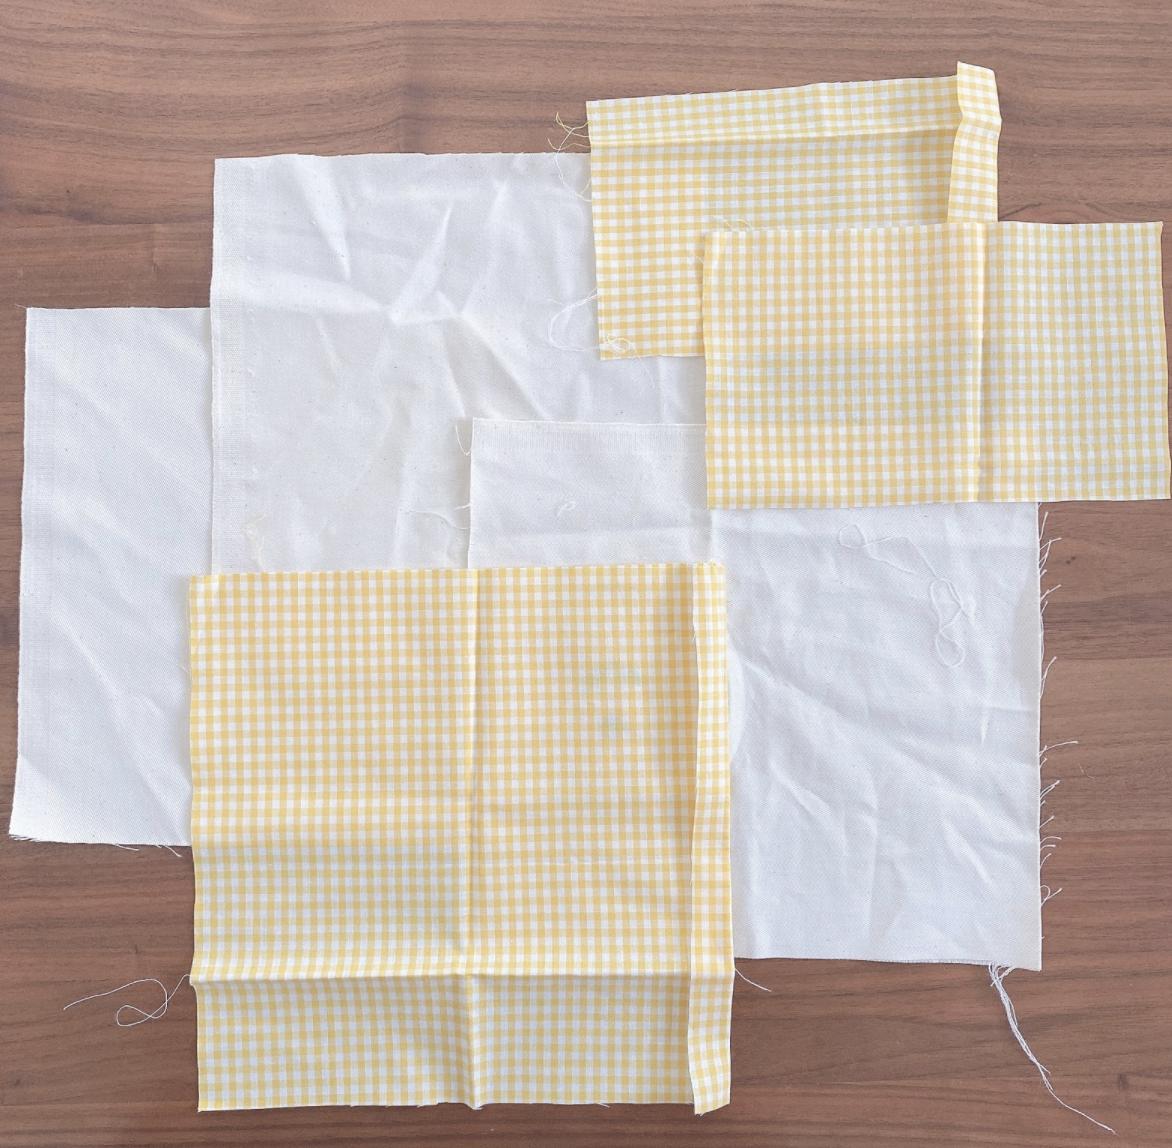 オリジナルなポケット付き折りたたみ刺繍マスクケース作りに必要な材料とその説明